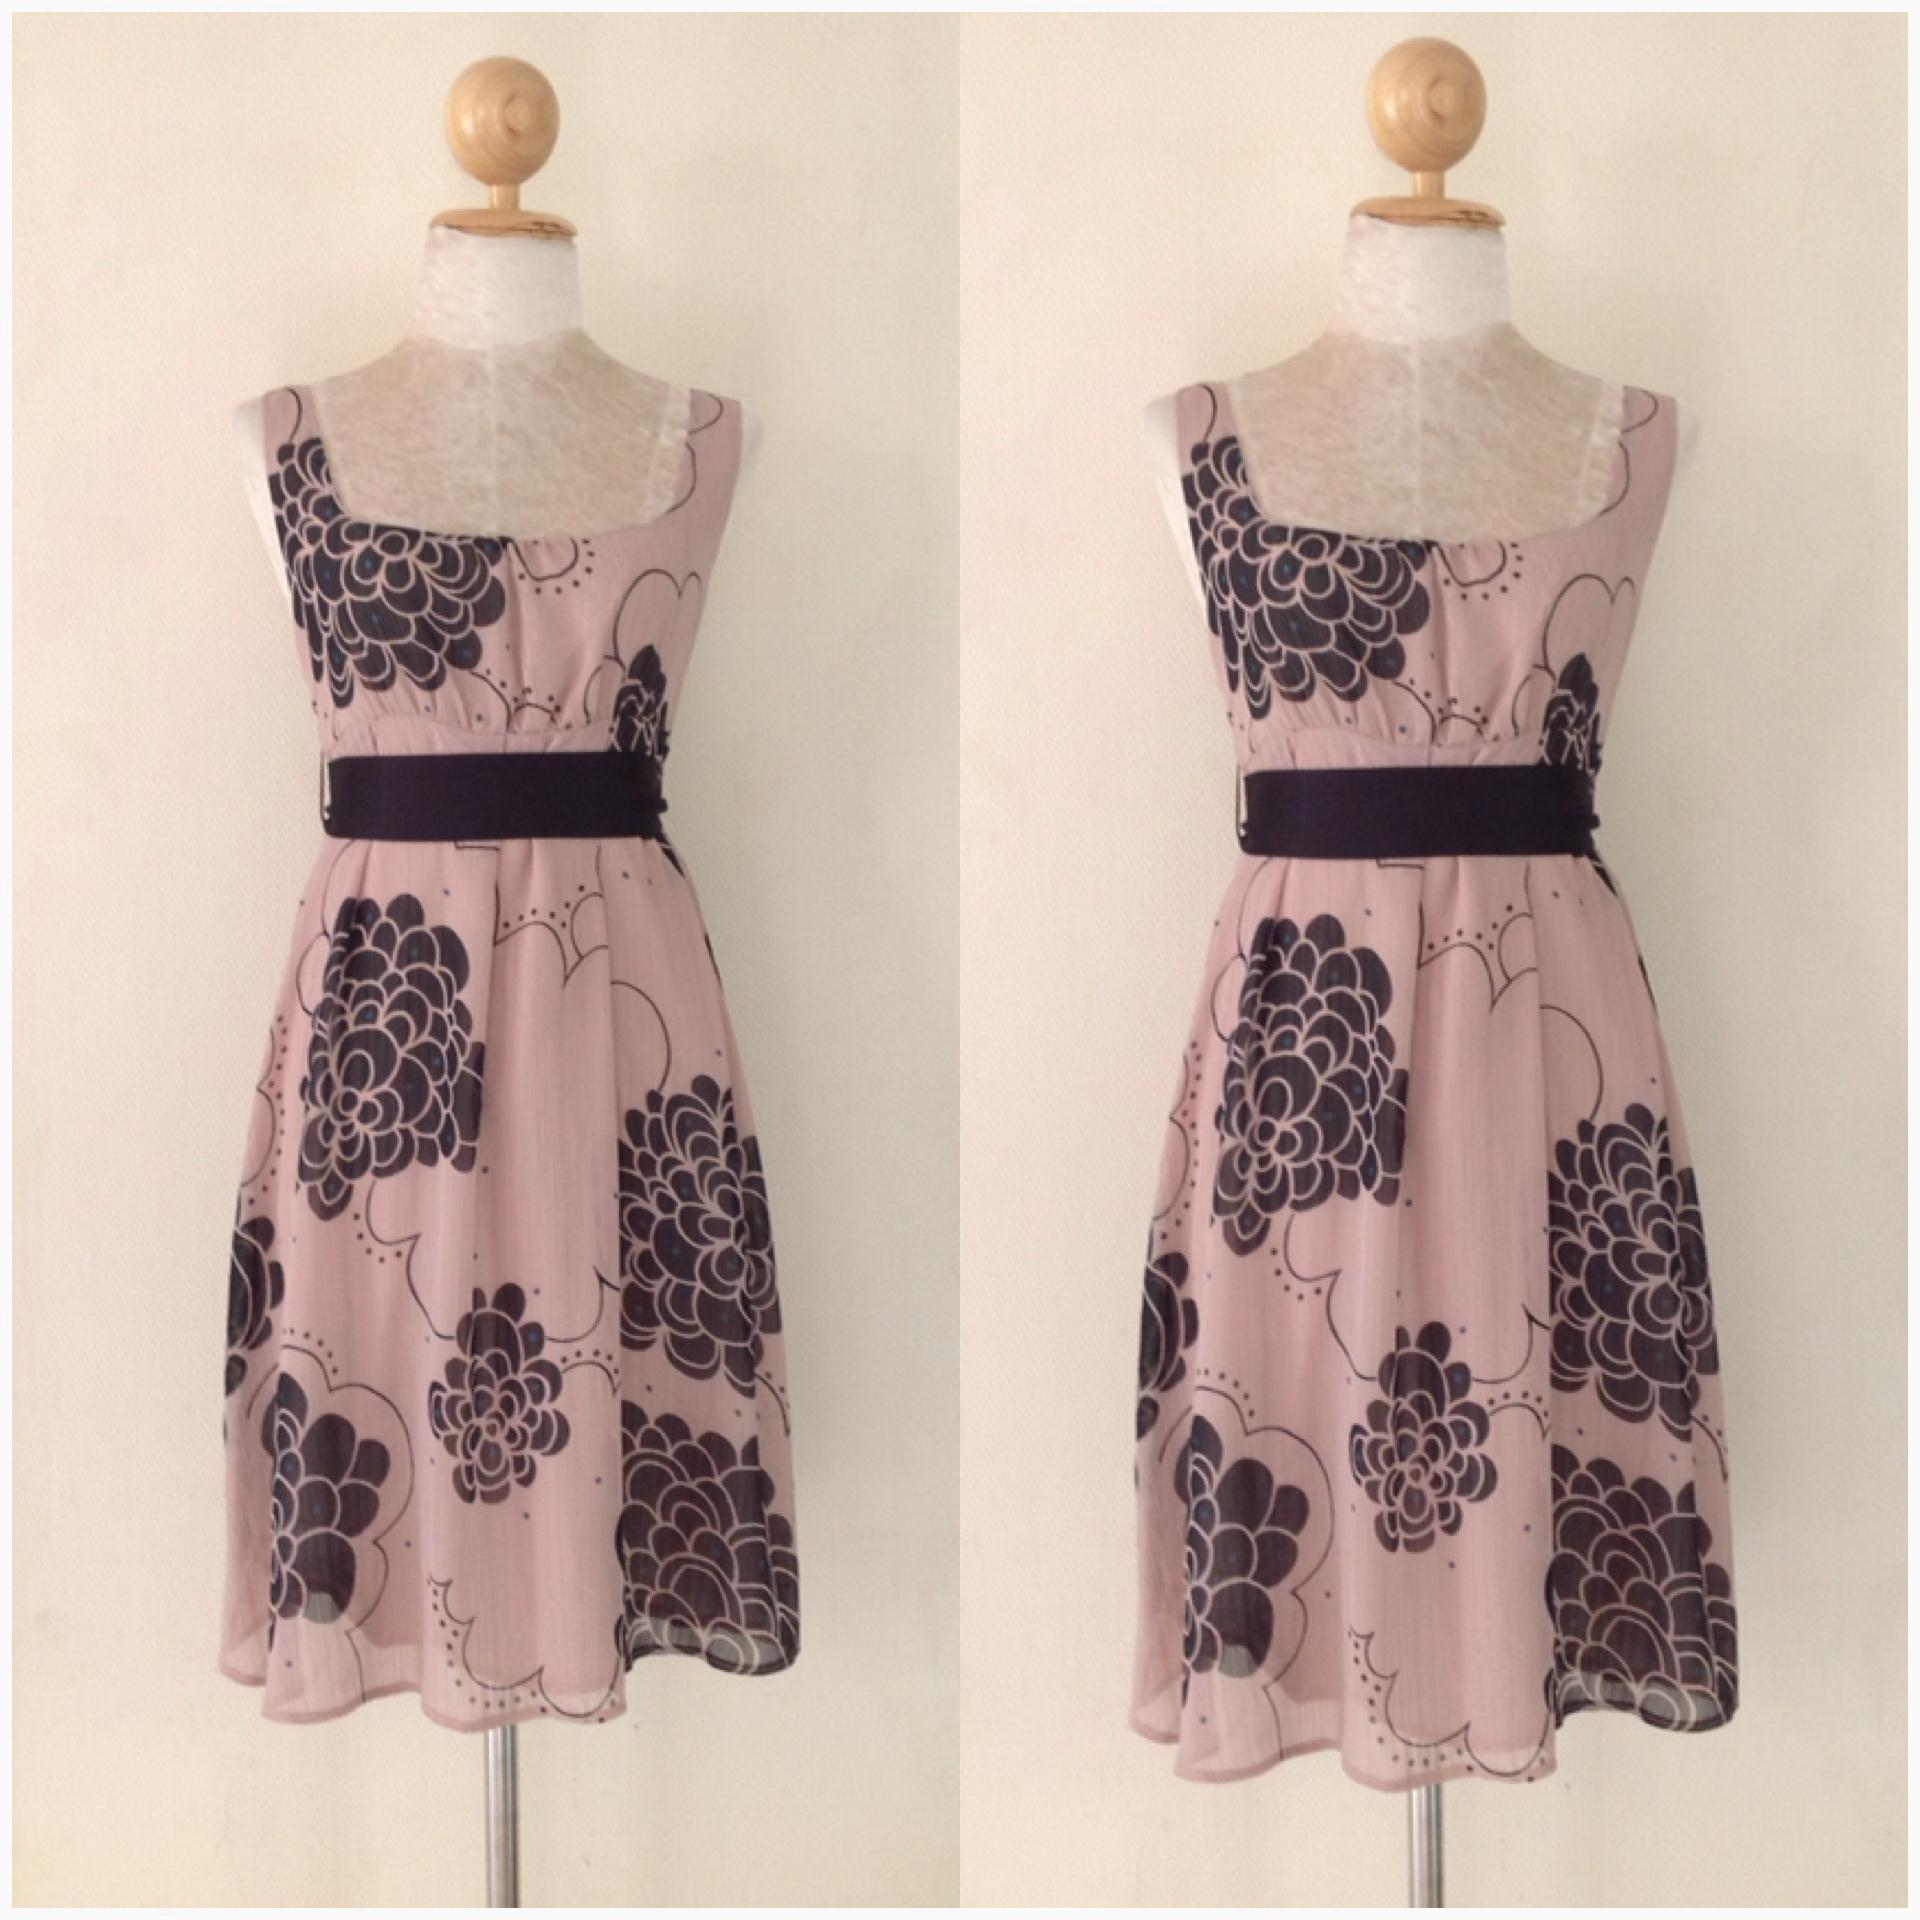 Topshop Floral Dress Size UK12